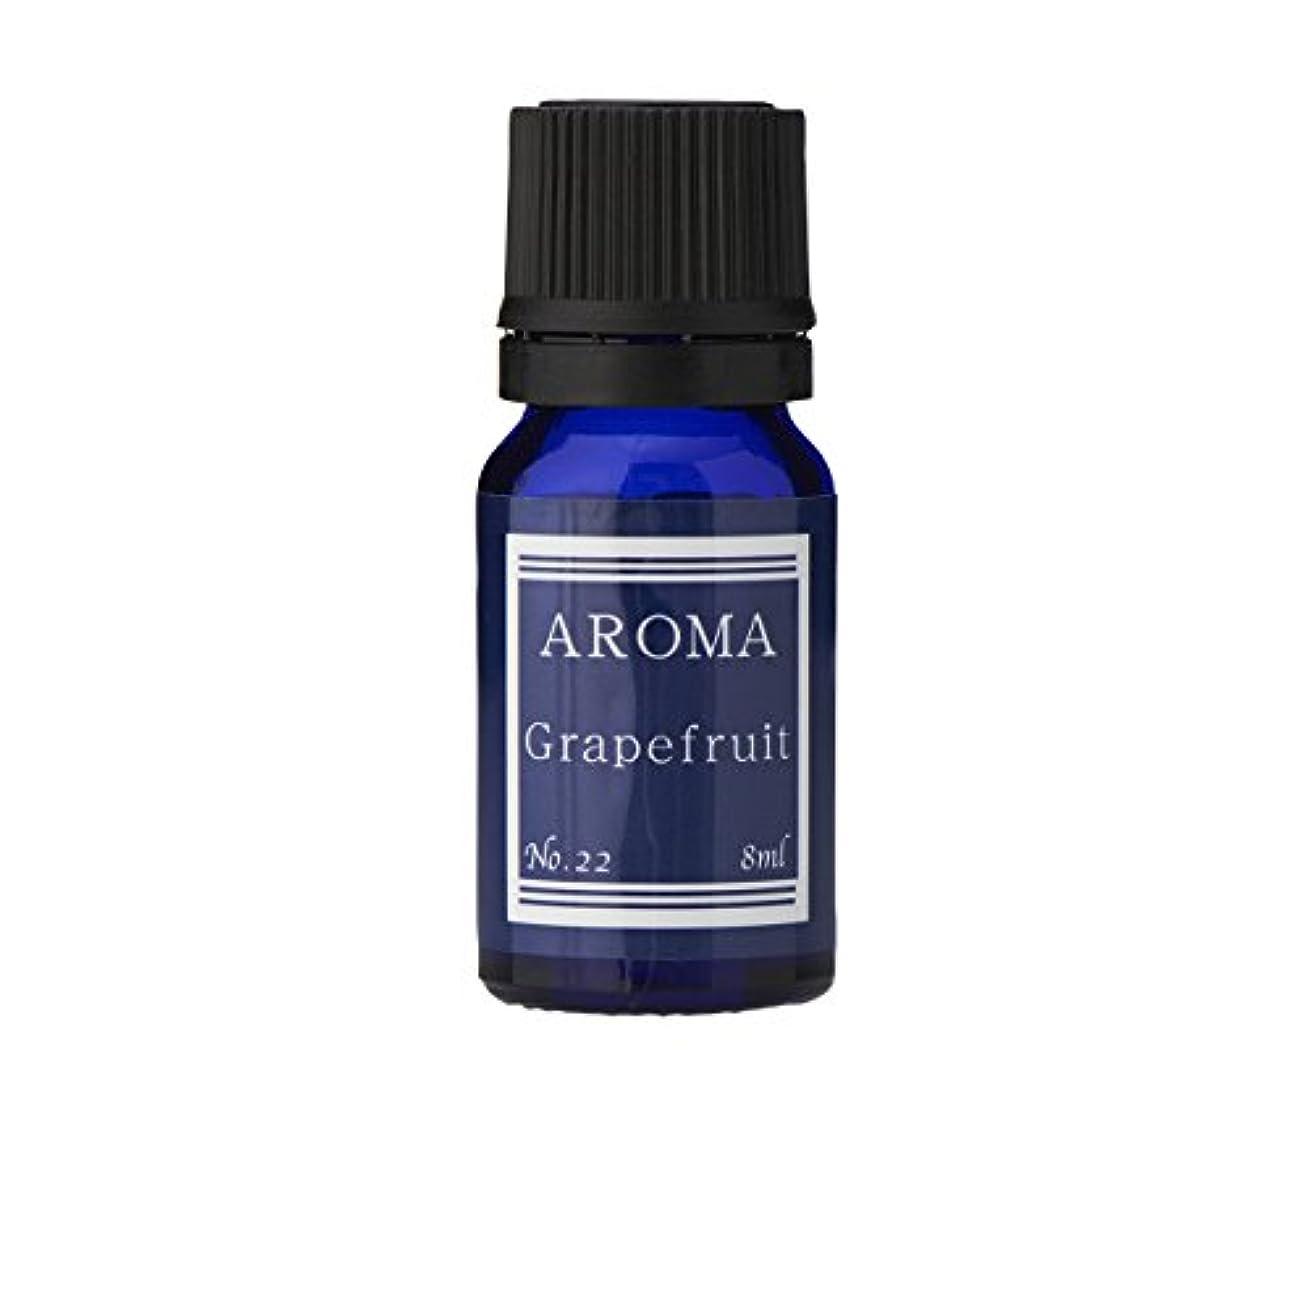 キモい花弁軽蔑するブルーラベル アロマエッセンス8ml グレープフルーツ(アロマオイル 調合香料 芳香用)